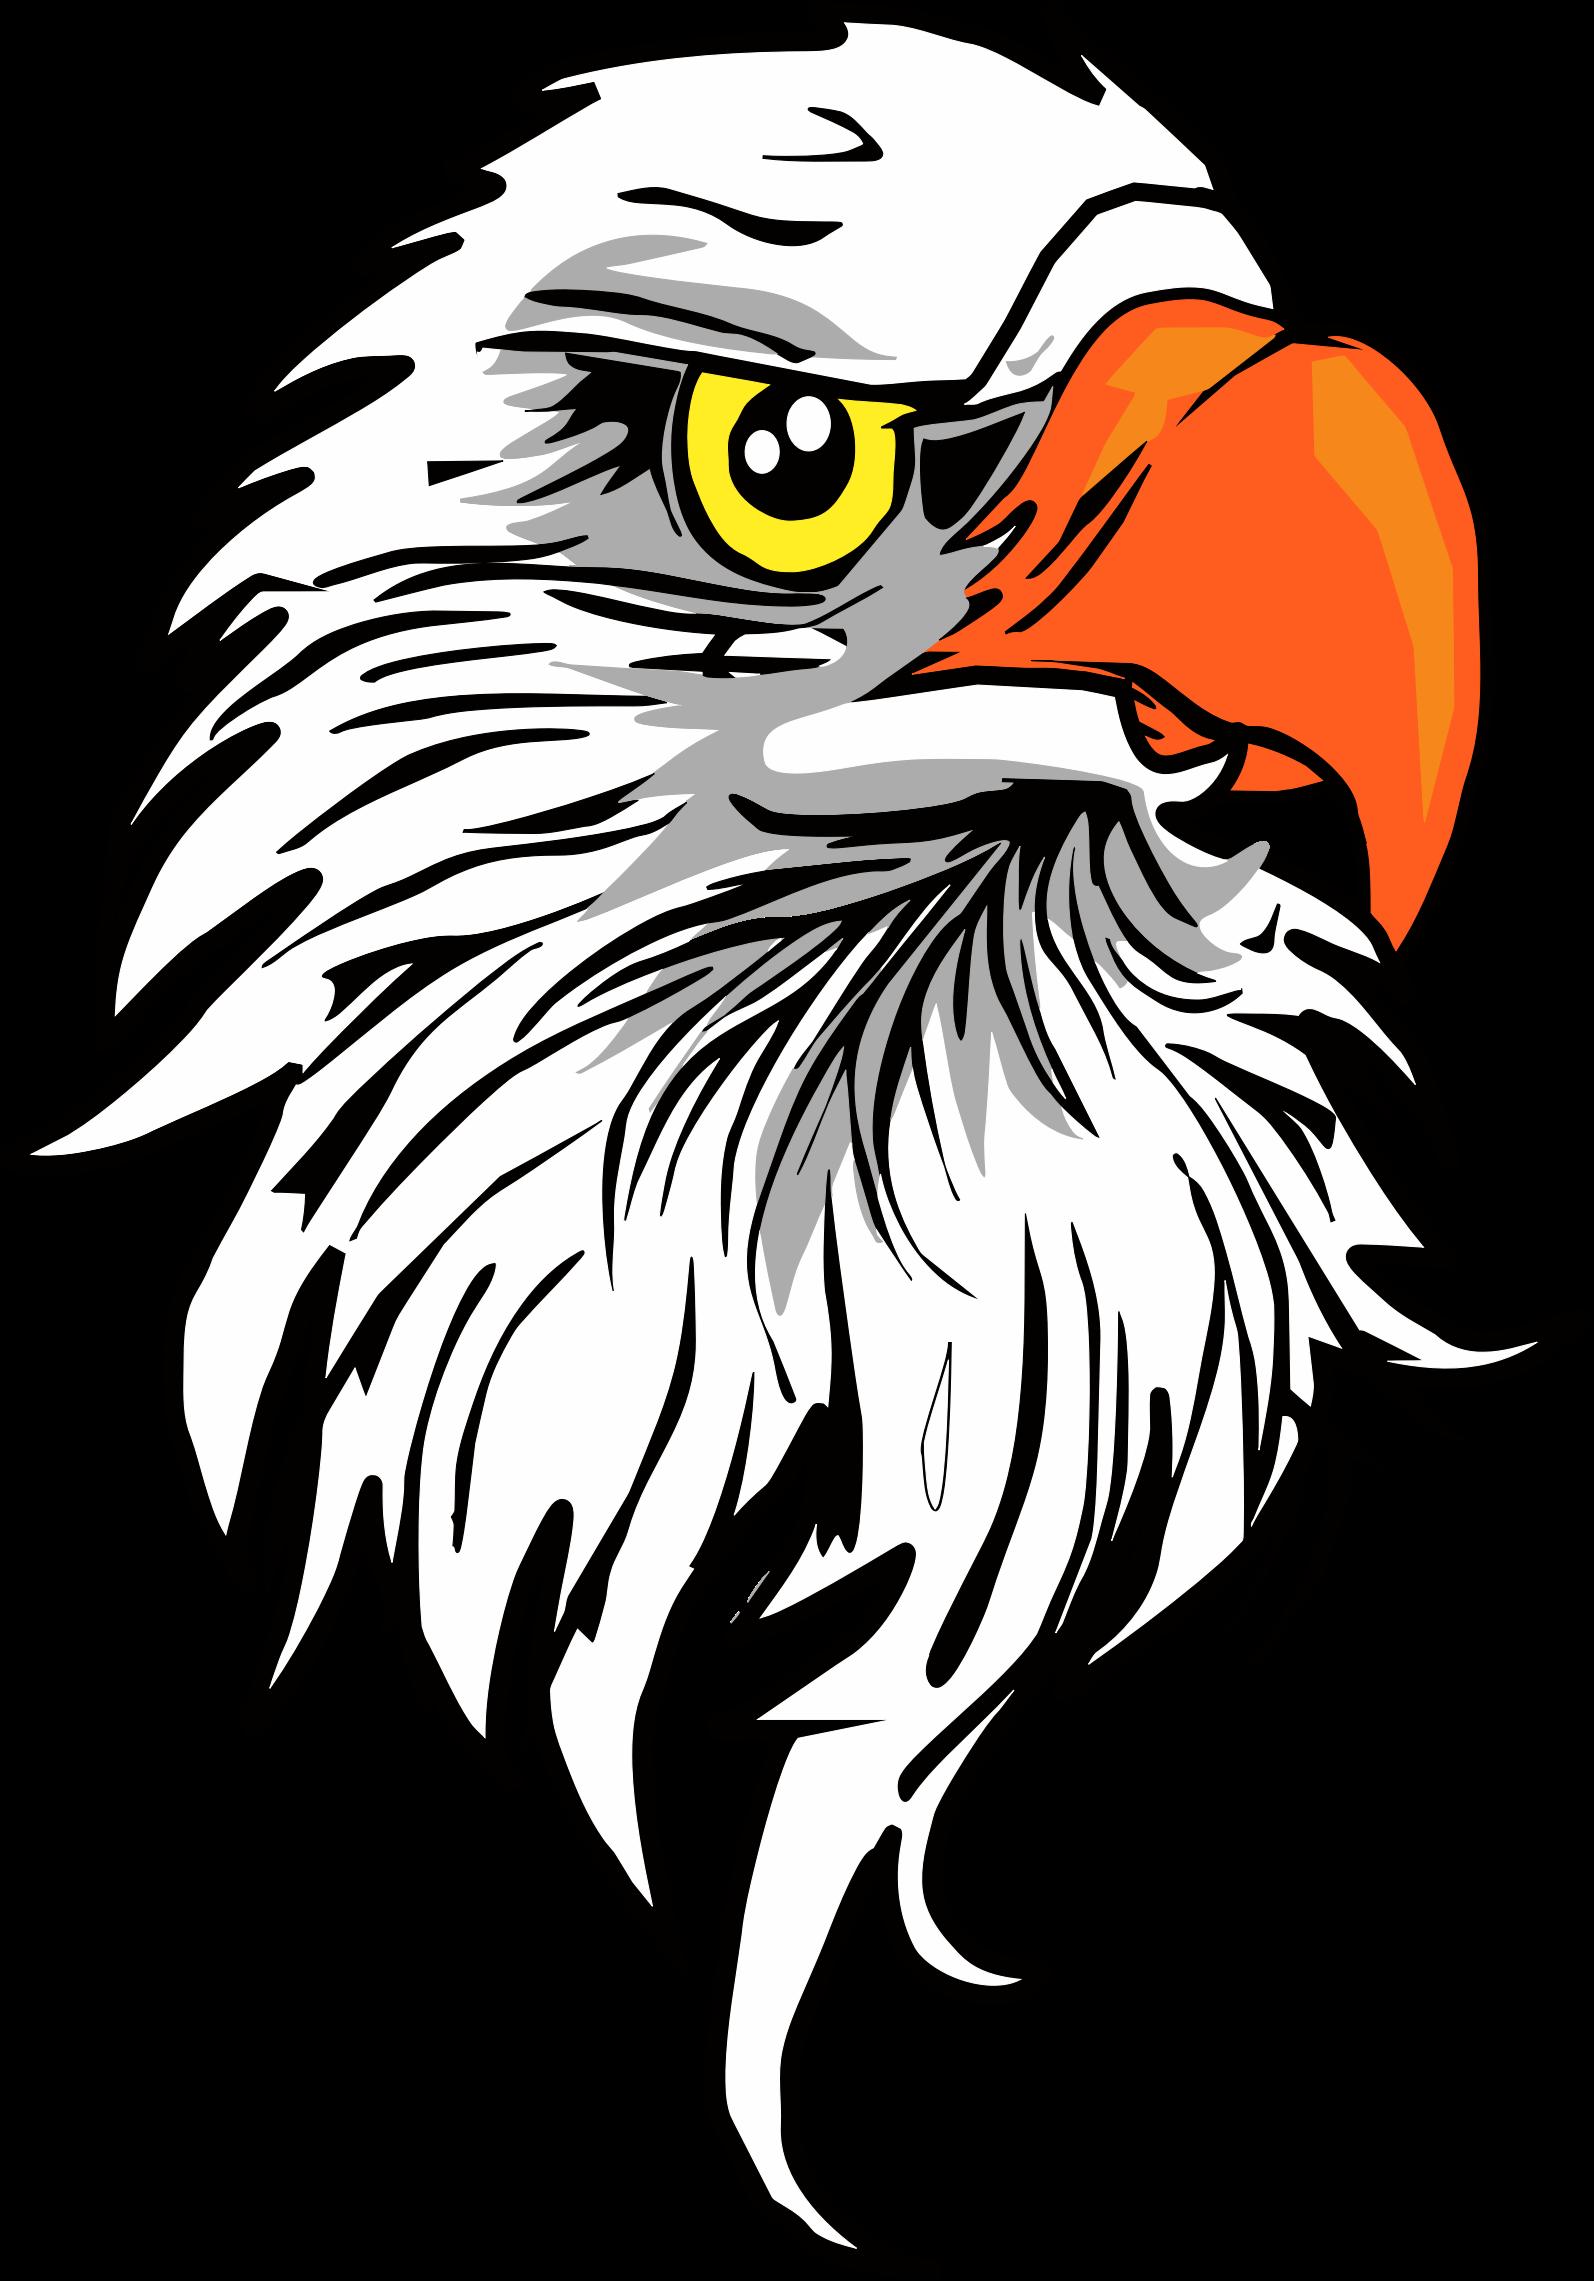 clip art download Big image png. Eagle head clipart